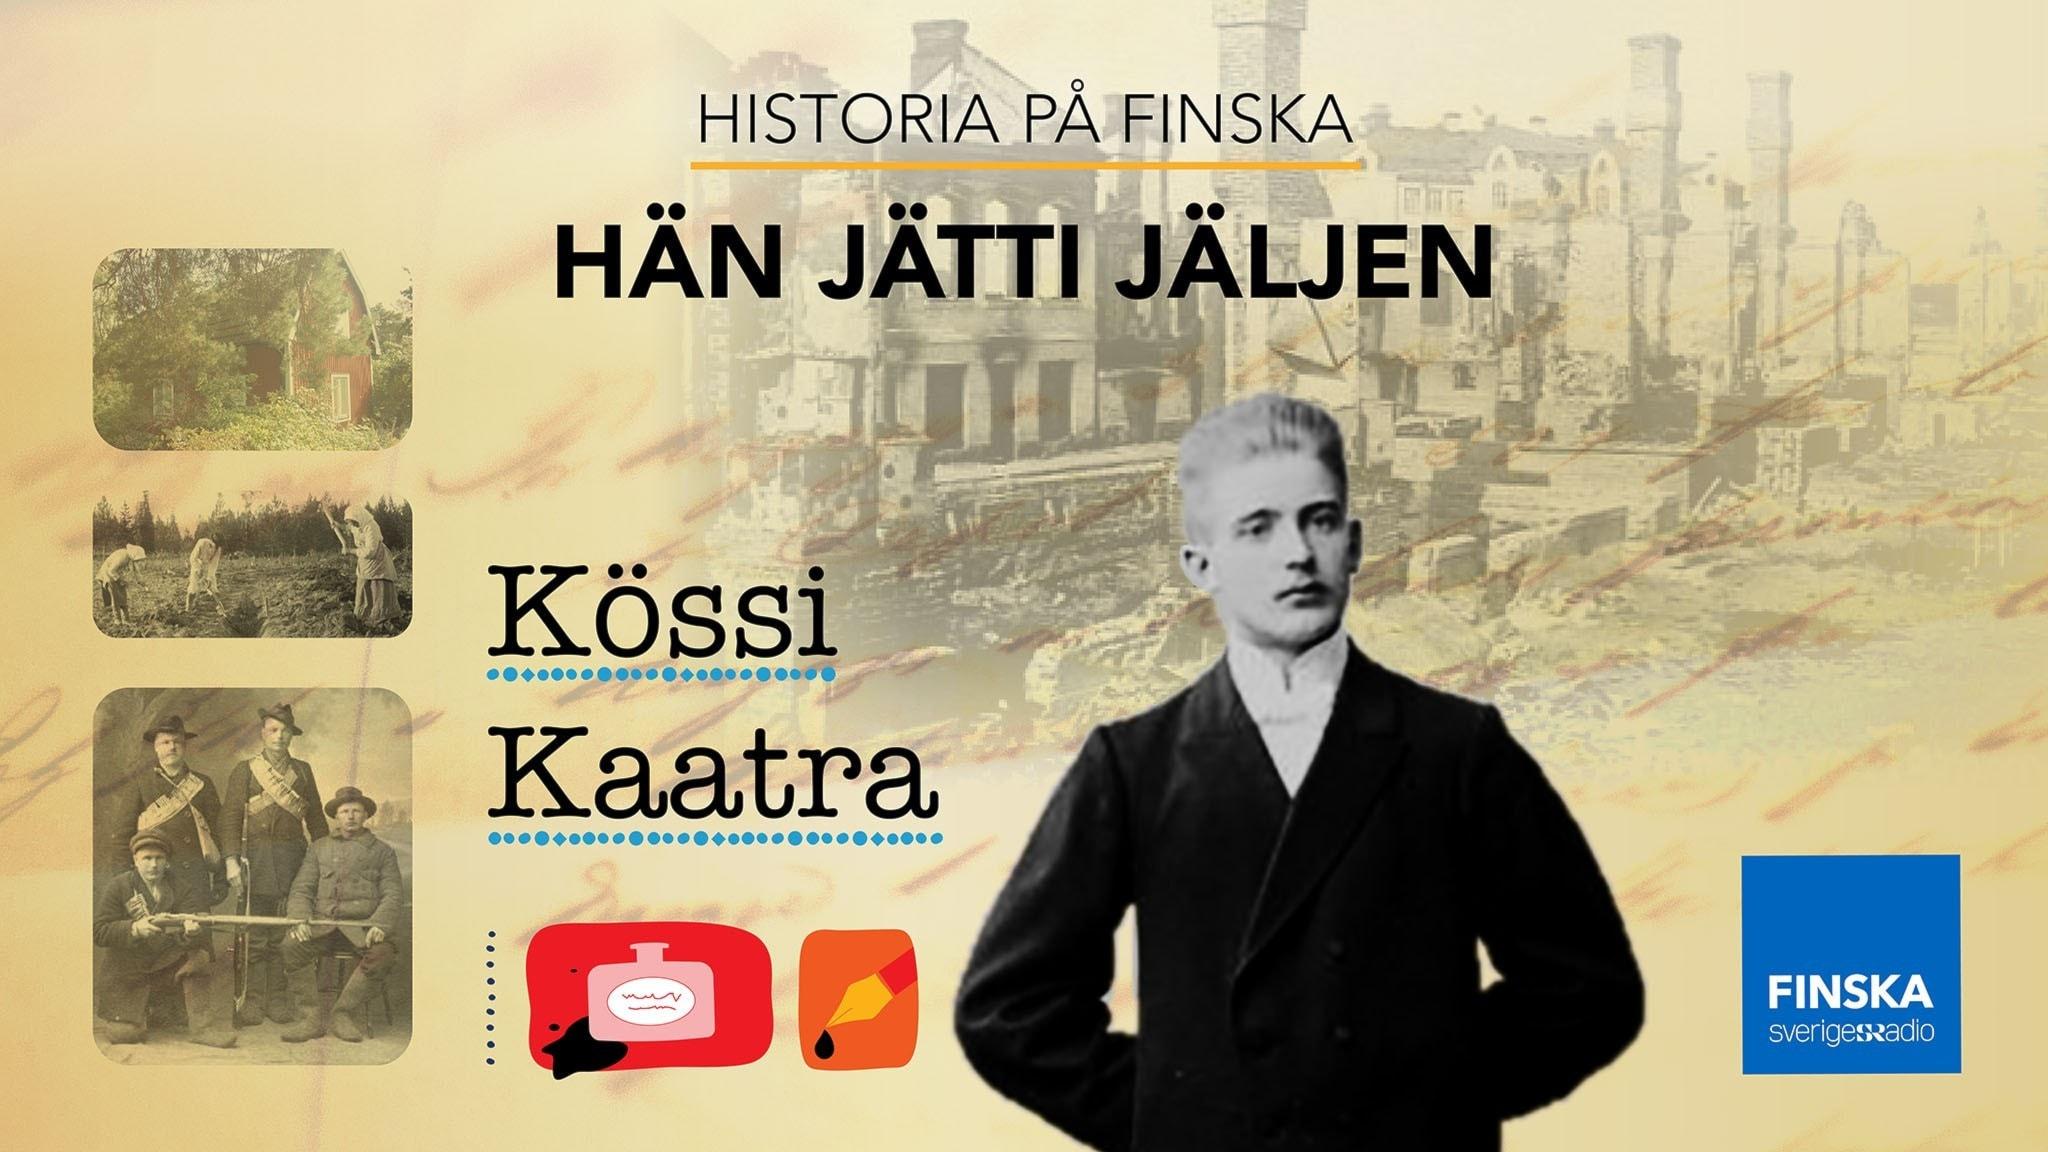 Kössi Kaatra, vasemmistolainen kirjailija, joka pakeni Ruotsiin Suomen sisällissotaa.